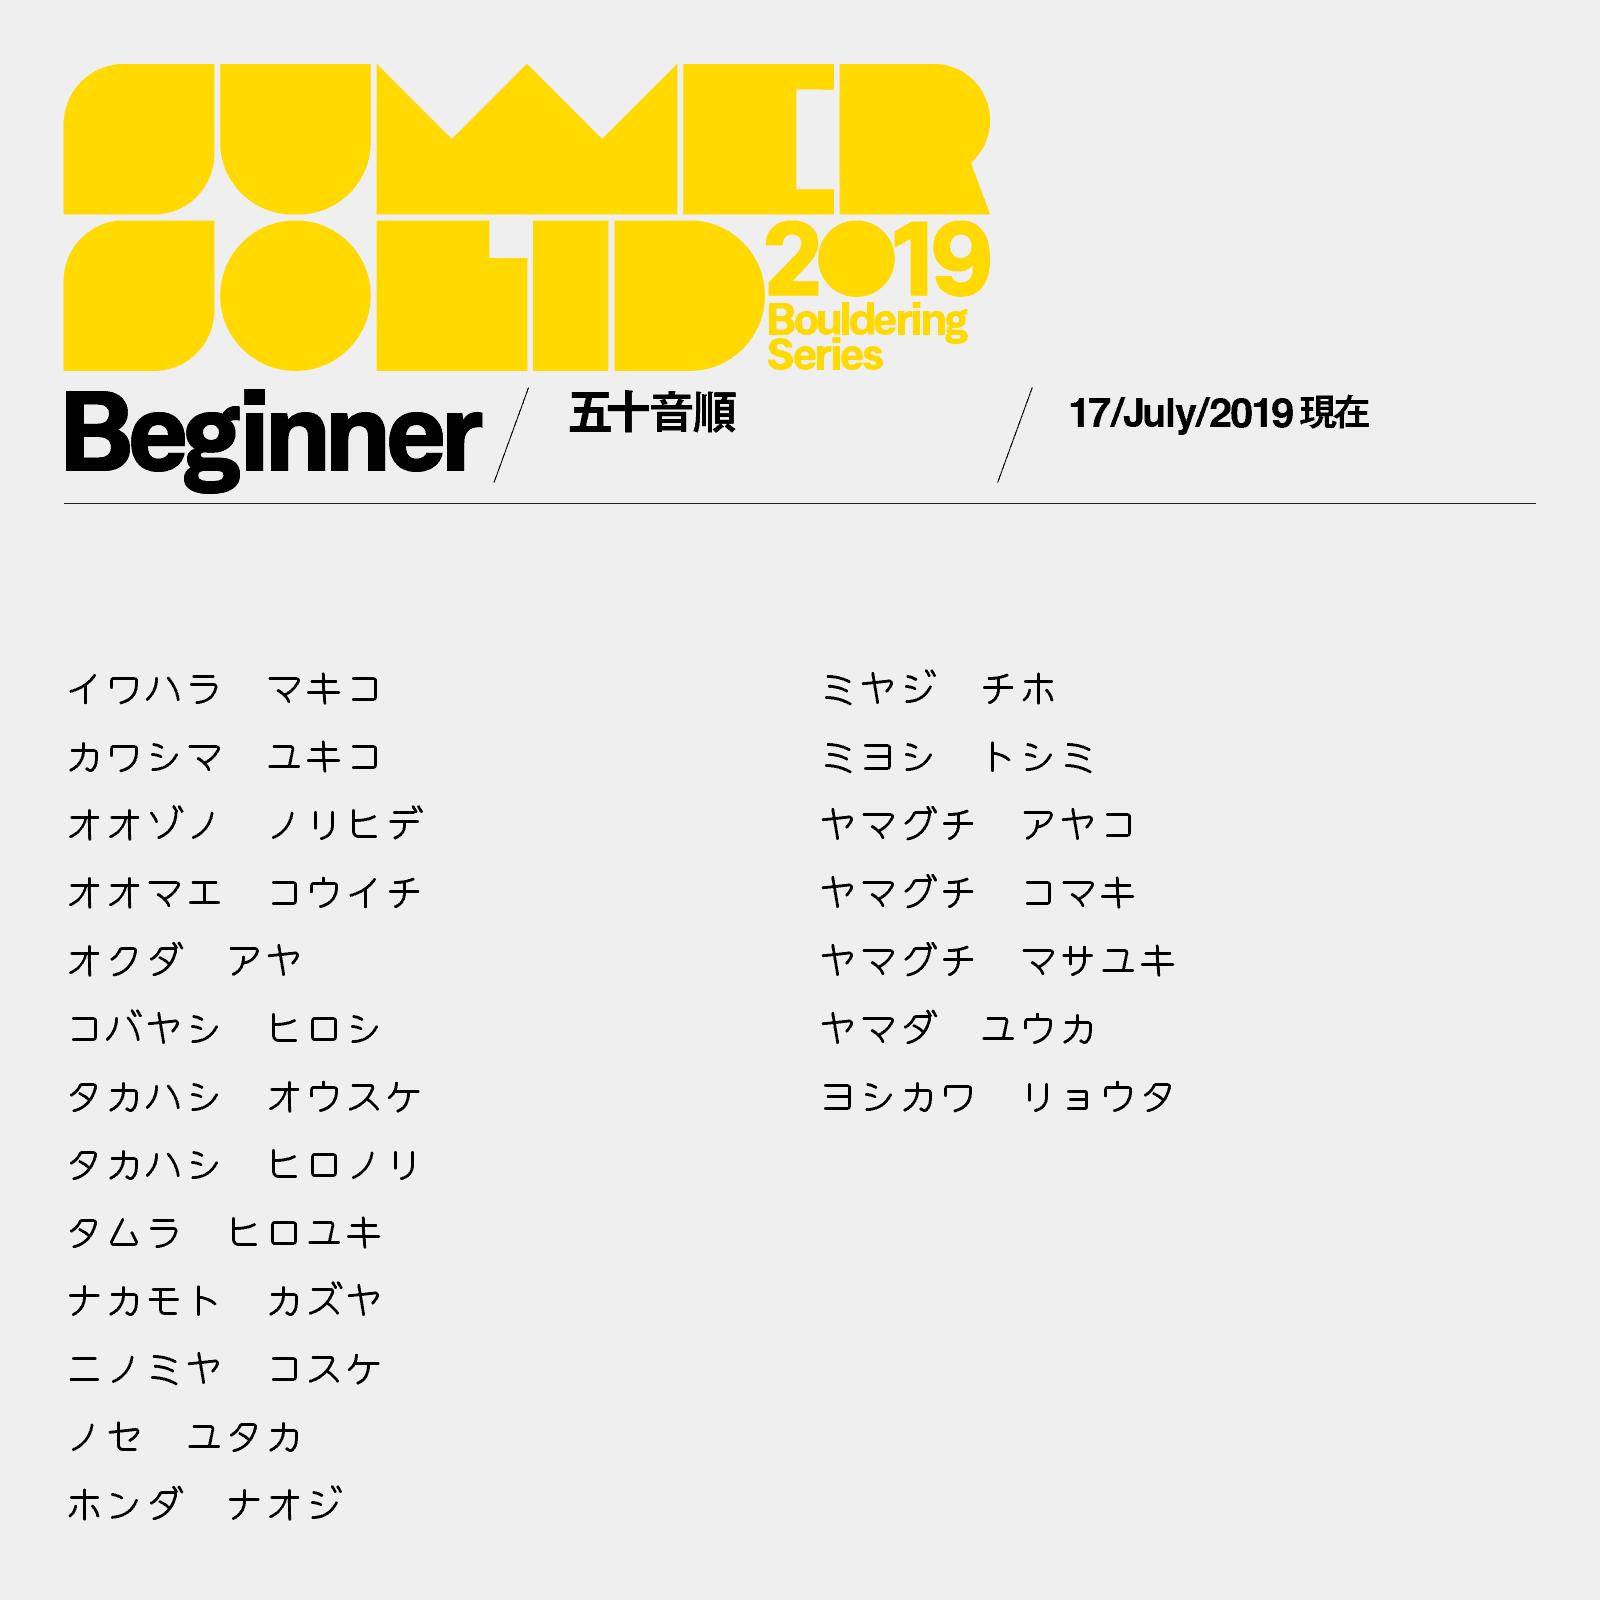 サマソリbeginnerカテゴリ参加者リスト